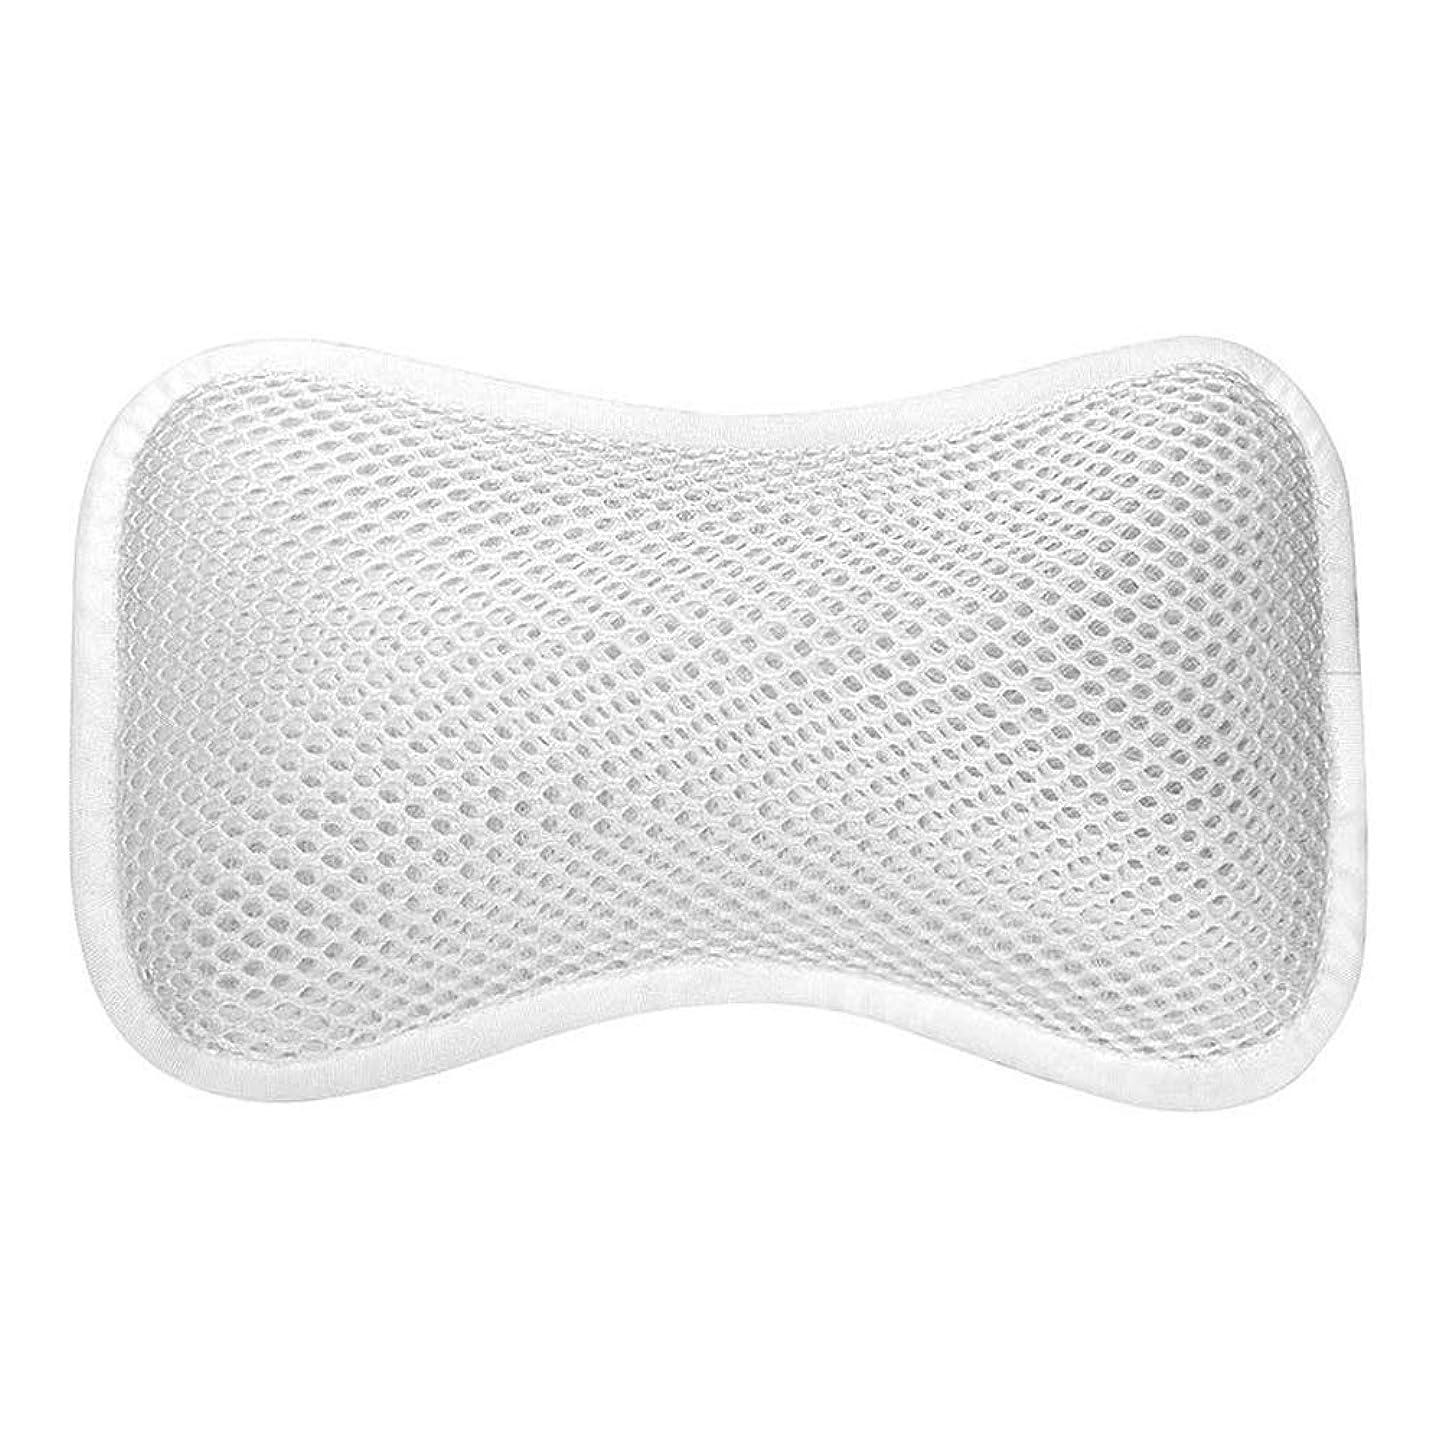 温度計恐怖症ビール3D網の骨の定形バスタブの枕、吸盤が付いている人間工学的の設計滑り止??めの浴槽の枕